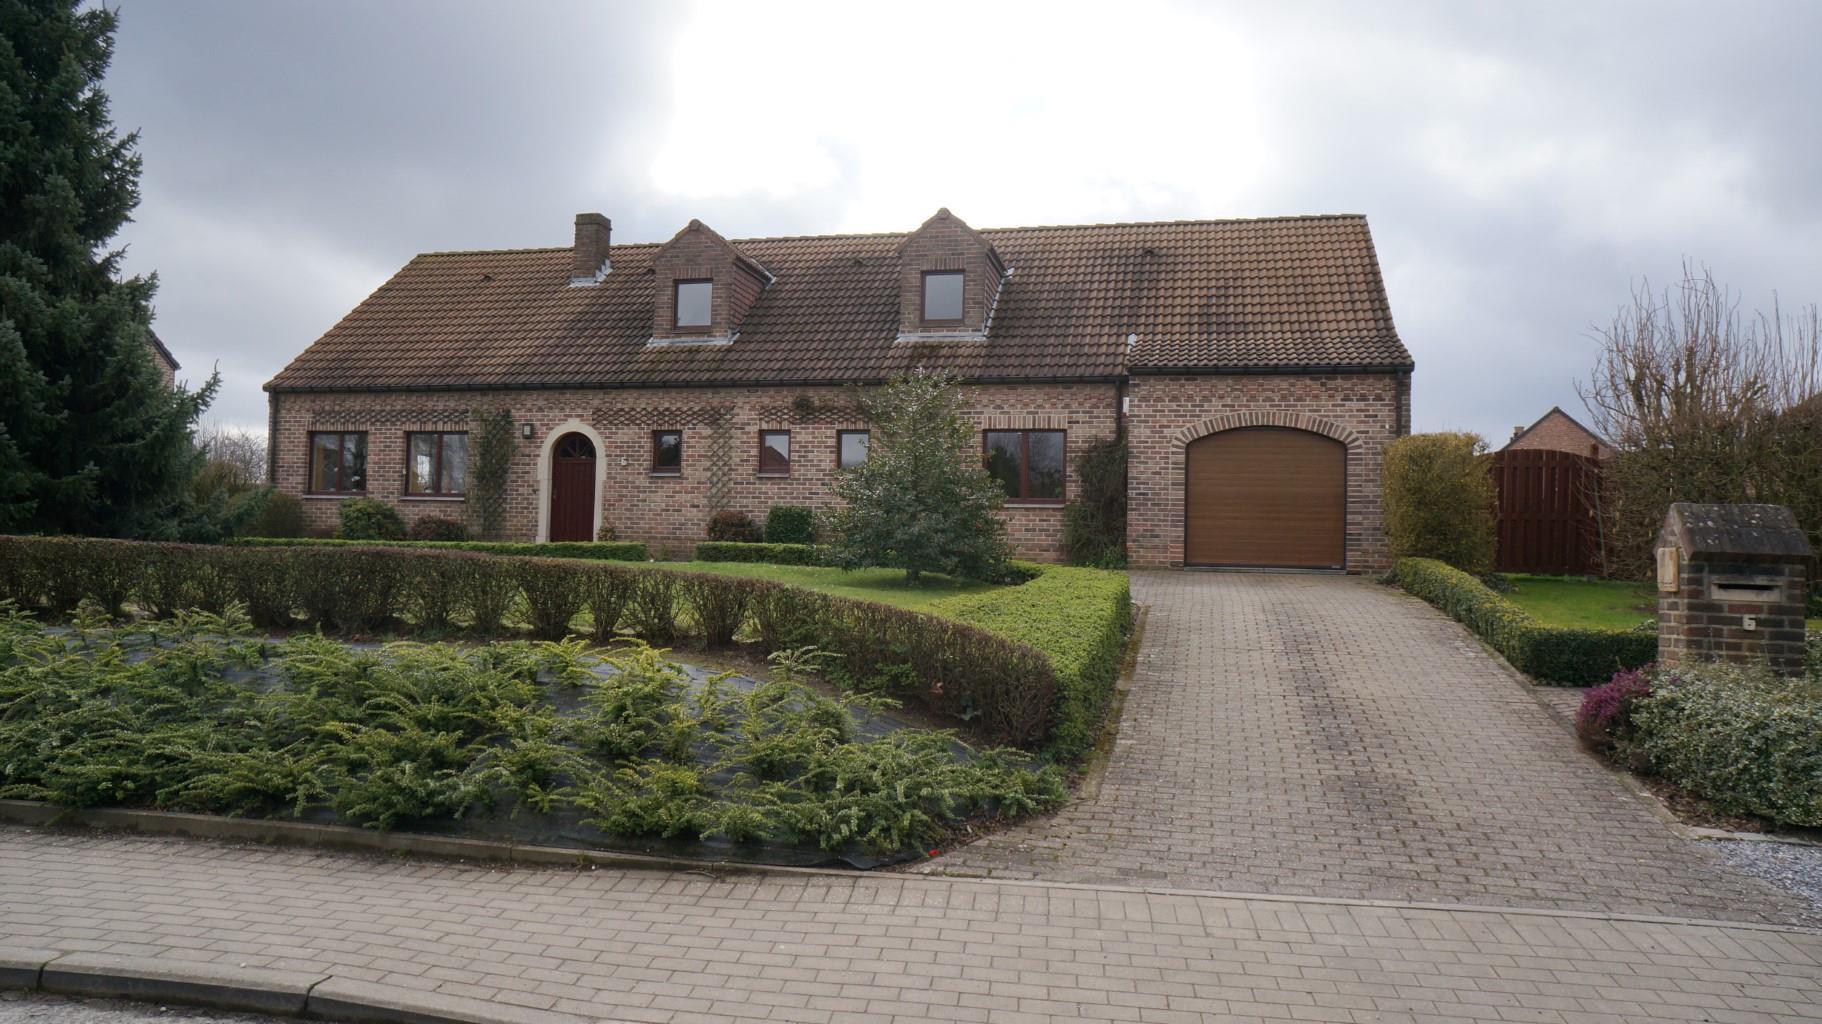 Maison - Perwez Thorembais-Saint-Trond - #4027352-21